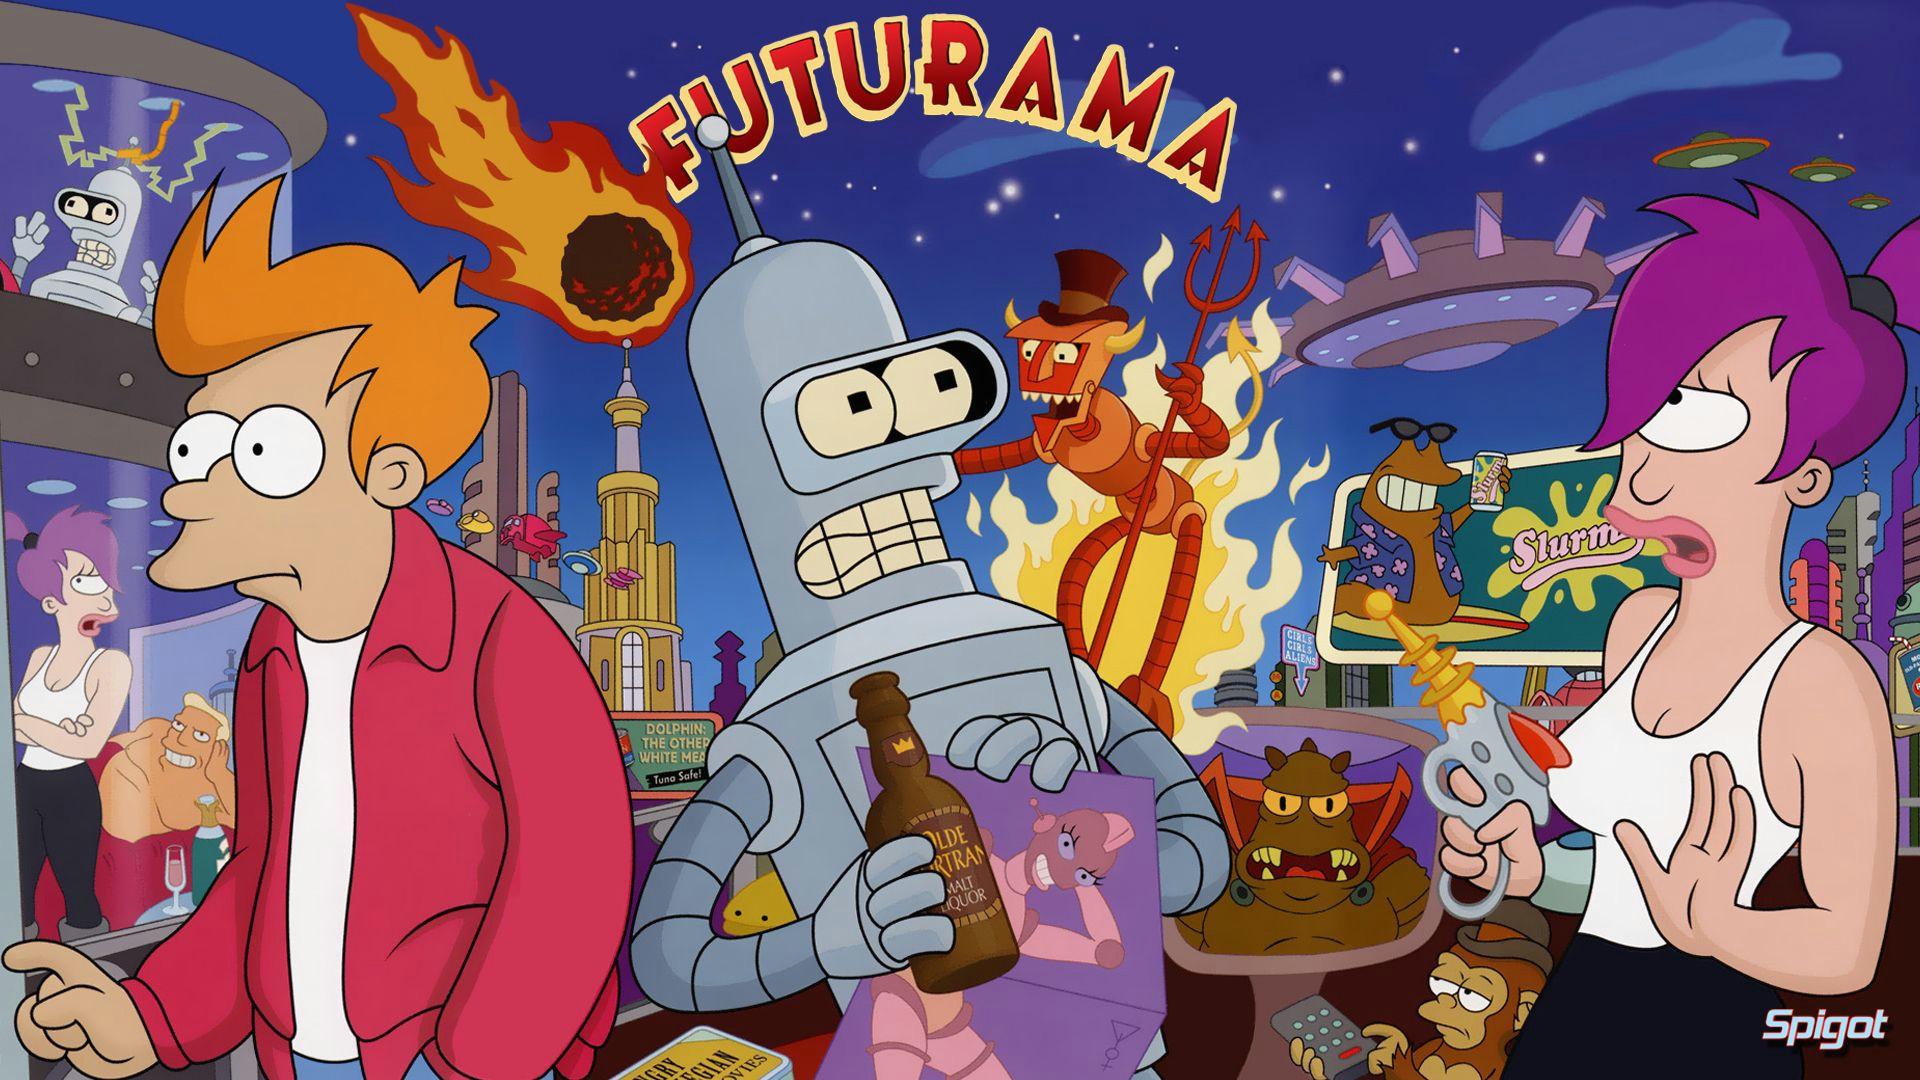 futurama cartoon shows cartoon characters adult cartoons futurama naruto science fiction